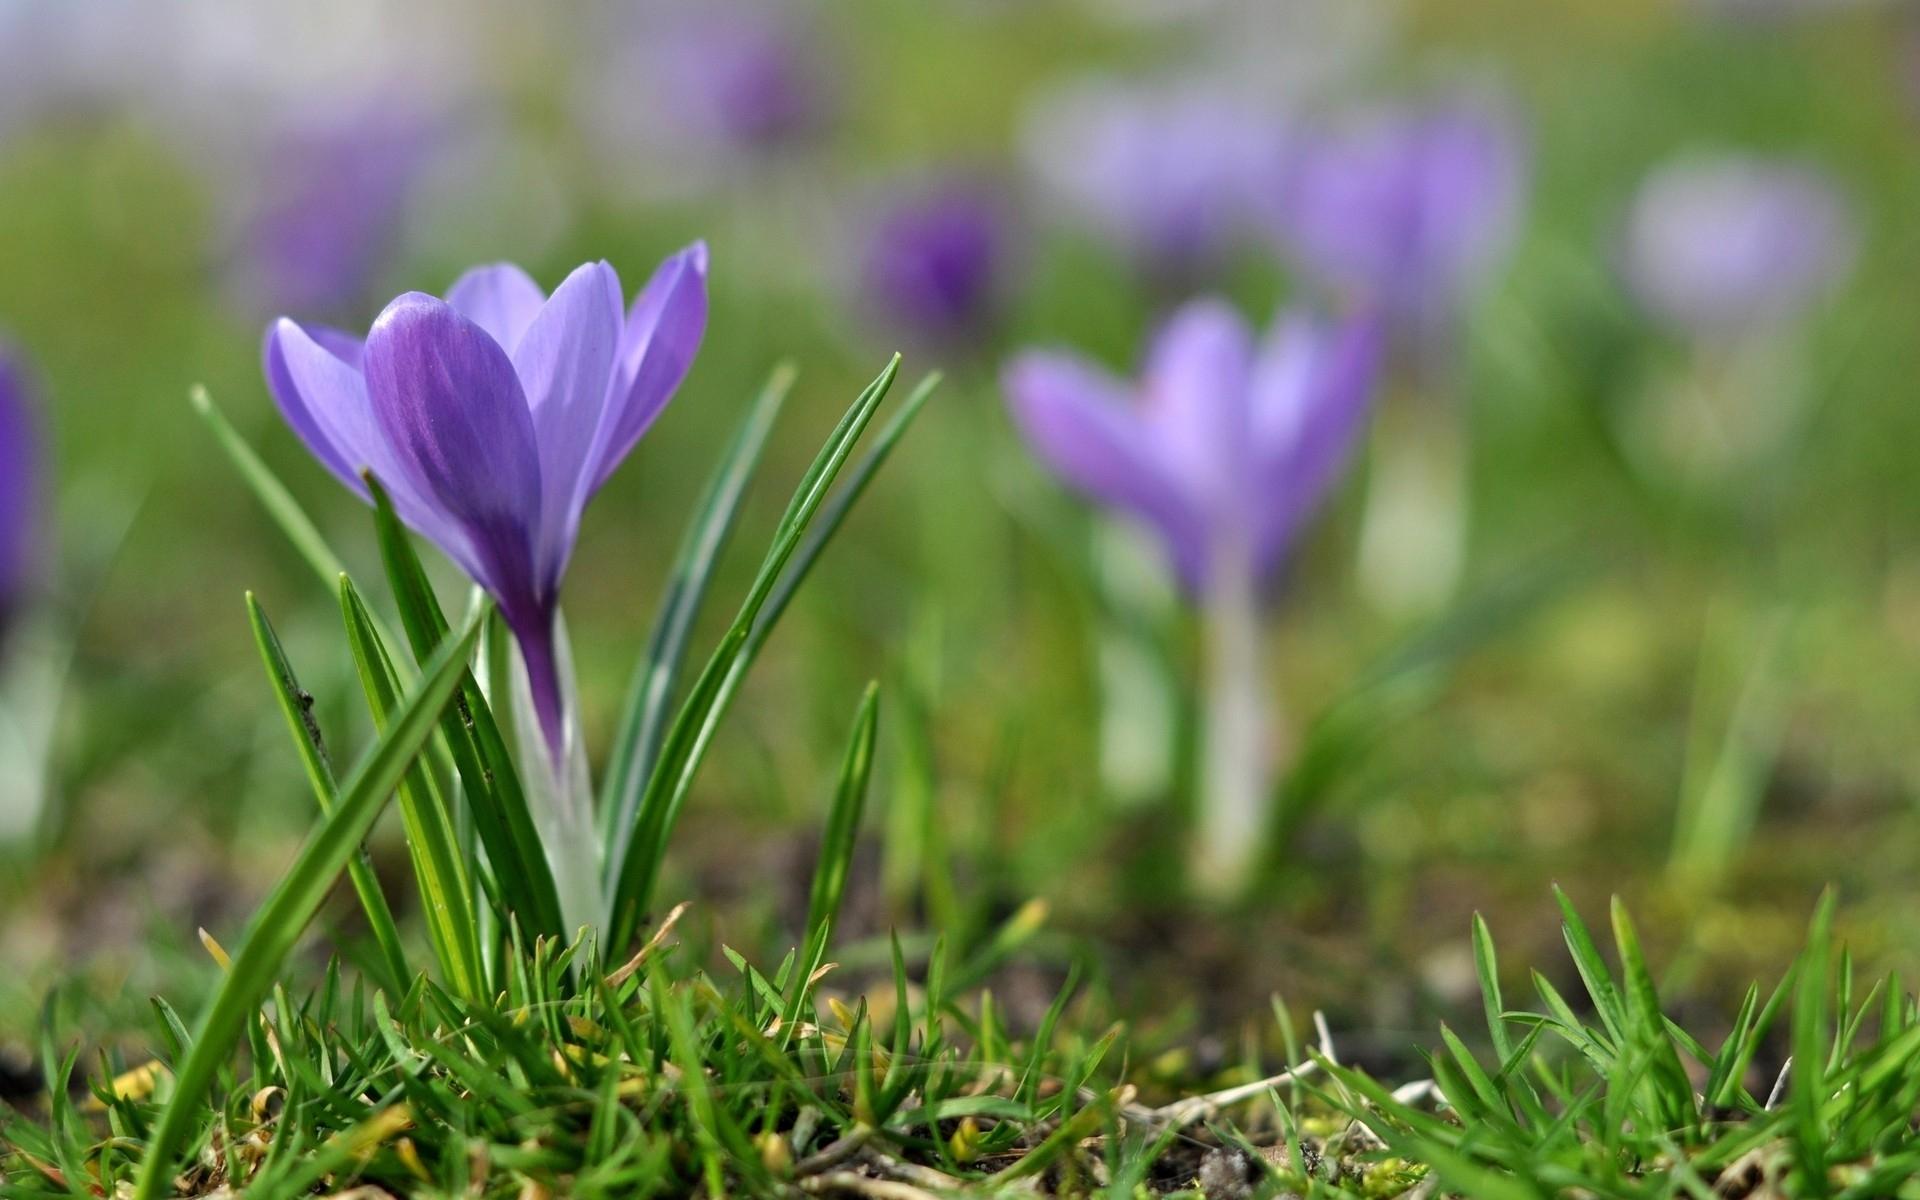 туфель при фото подснежников фиолетовых букет савченко